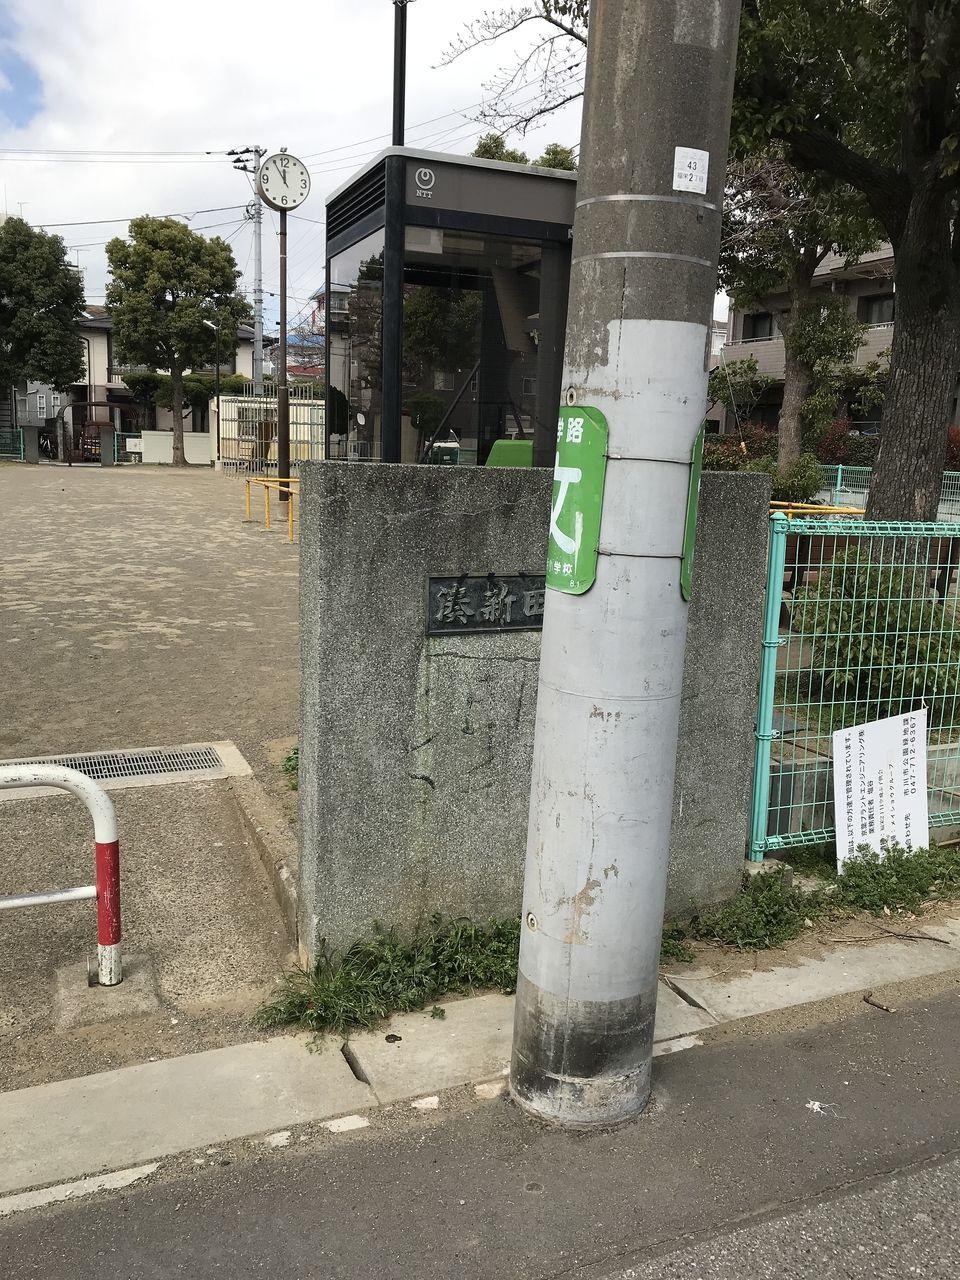 南行徳の湊新田公園の電柱に隠れた銘板